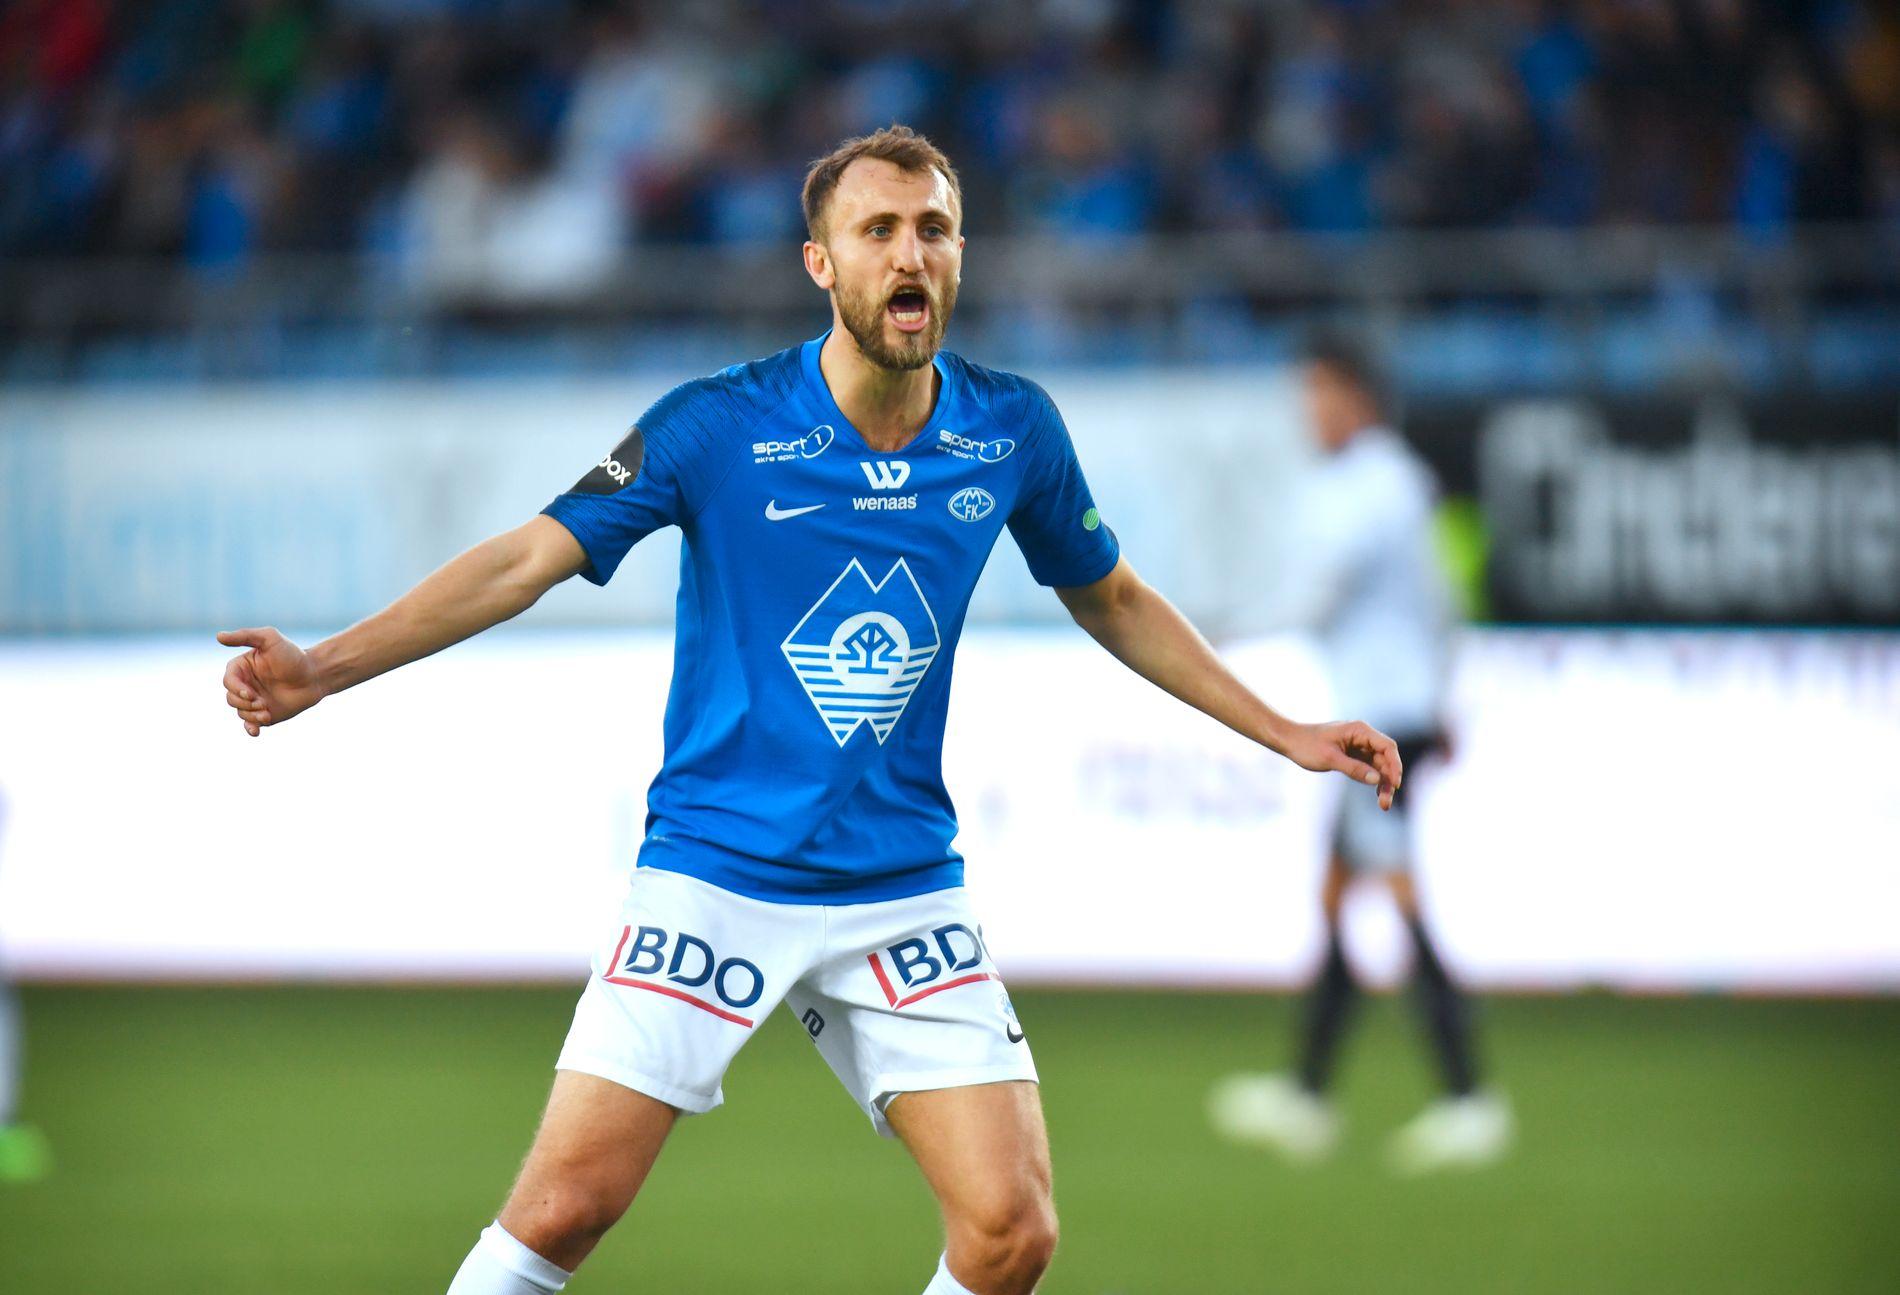 LEDER: Magnus Wolff Eikrem har vært best på VG Børsen etter halvspilt sesong . Her fra eliteseriekampen mot Rosenborg på Aker Stadion.